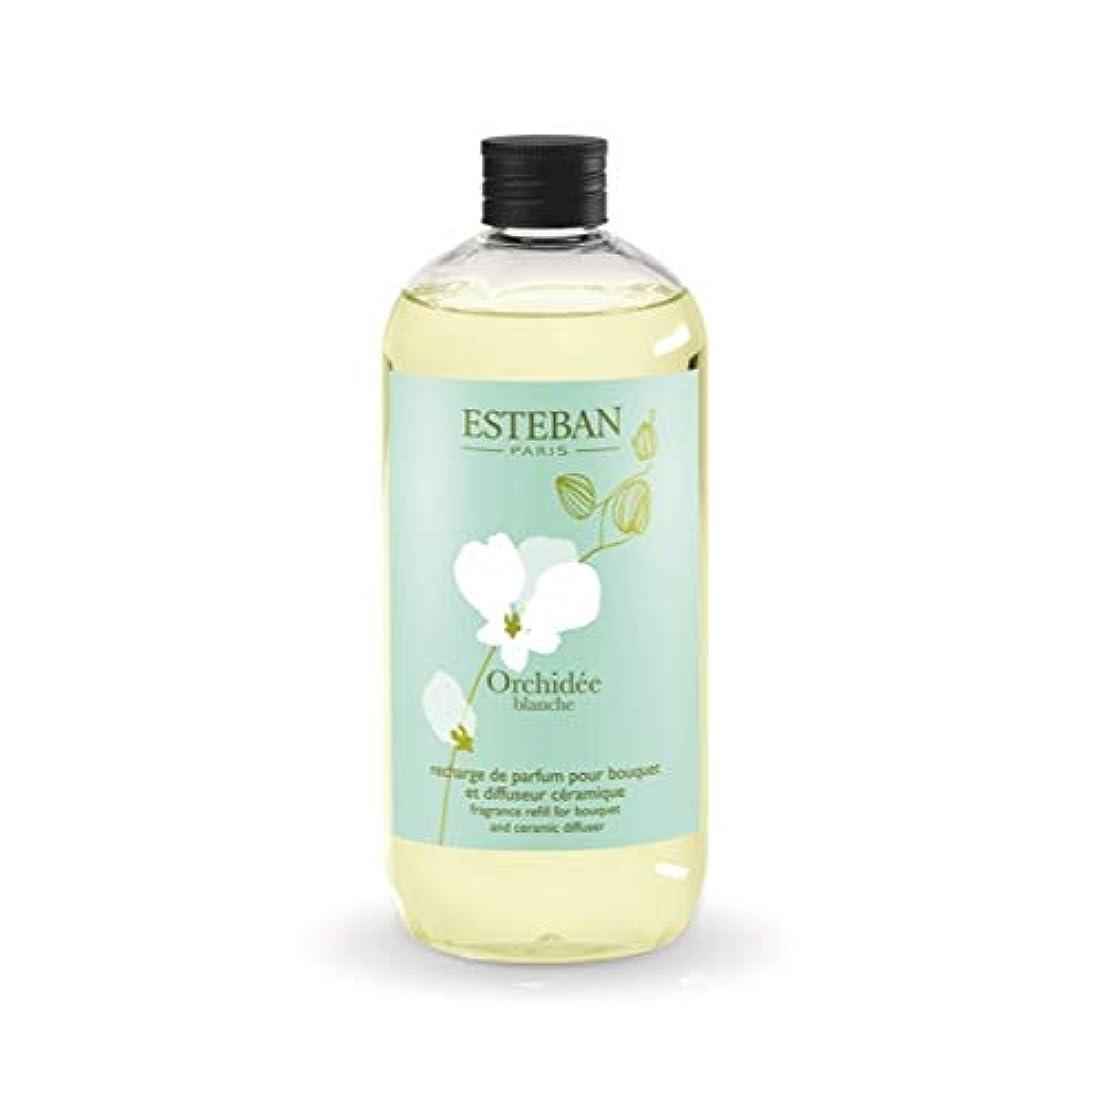 繰り返す超越する支給ESTEBAN Orchidee blanche(オルキデ ブランシュ) フレグランスリフィル500ml